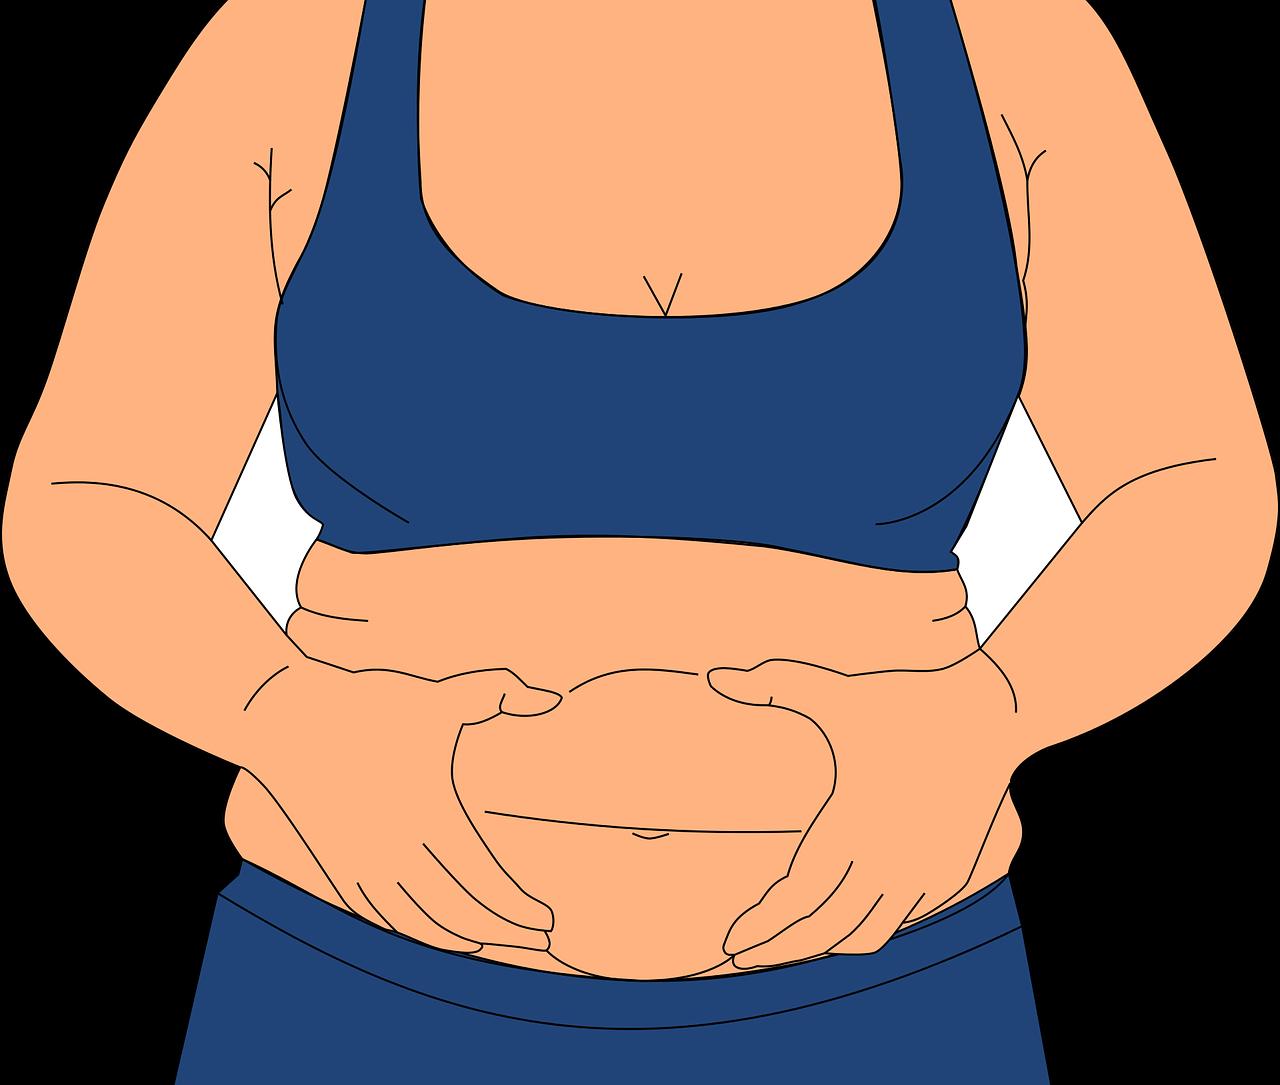 肥満体型の人がお腹を摘んでいる絵